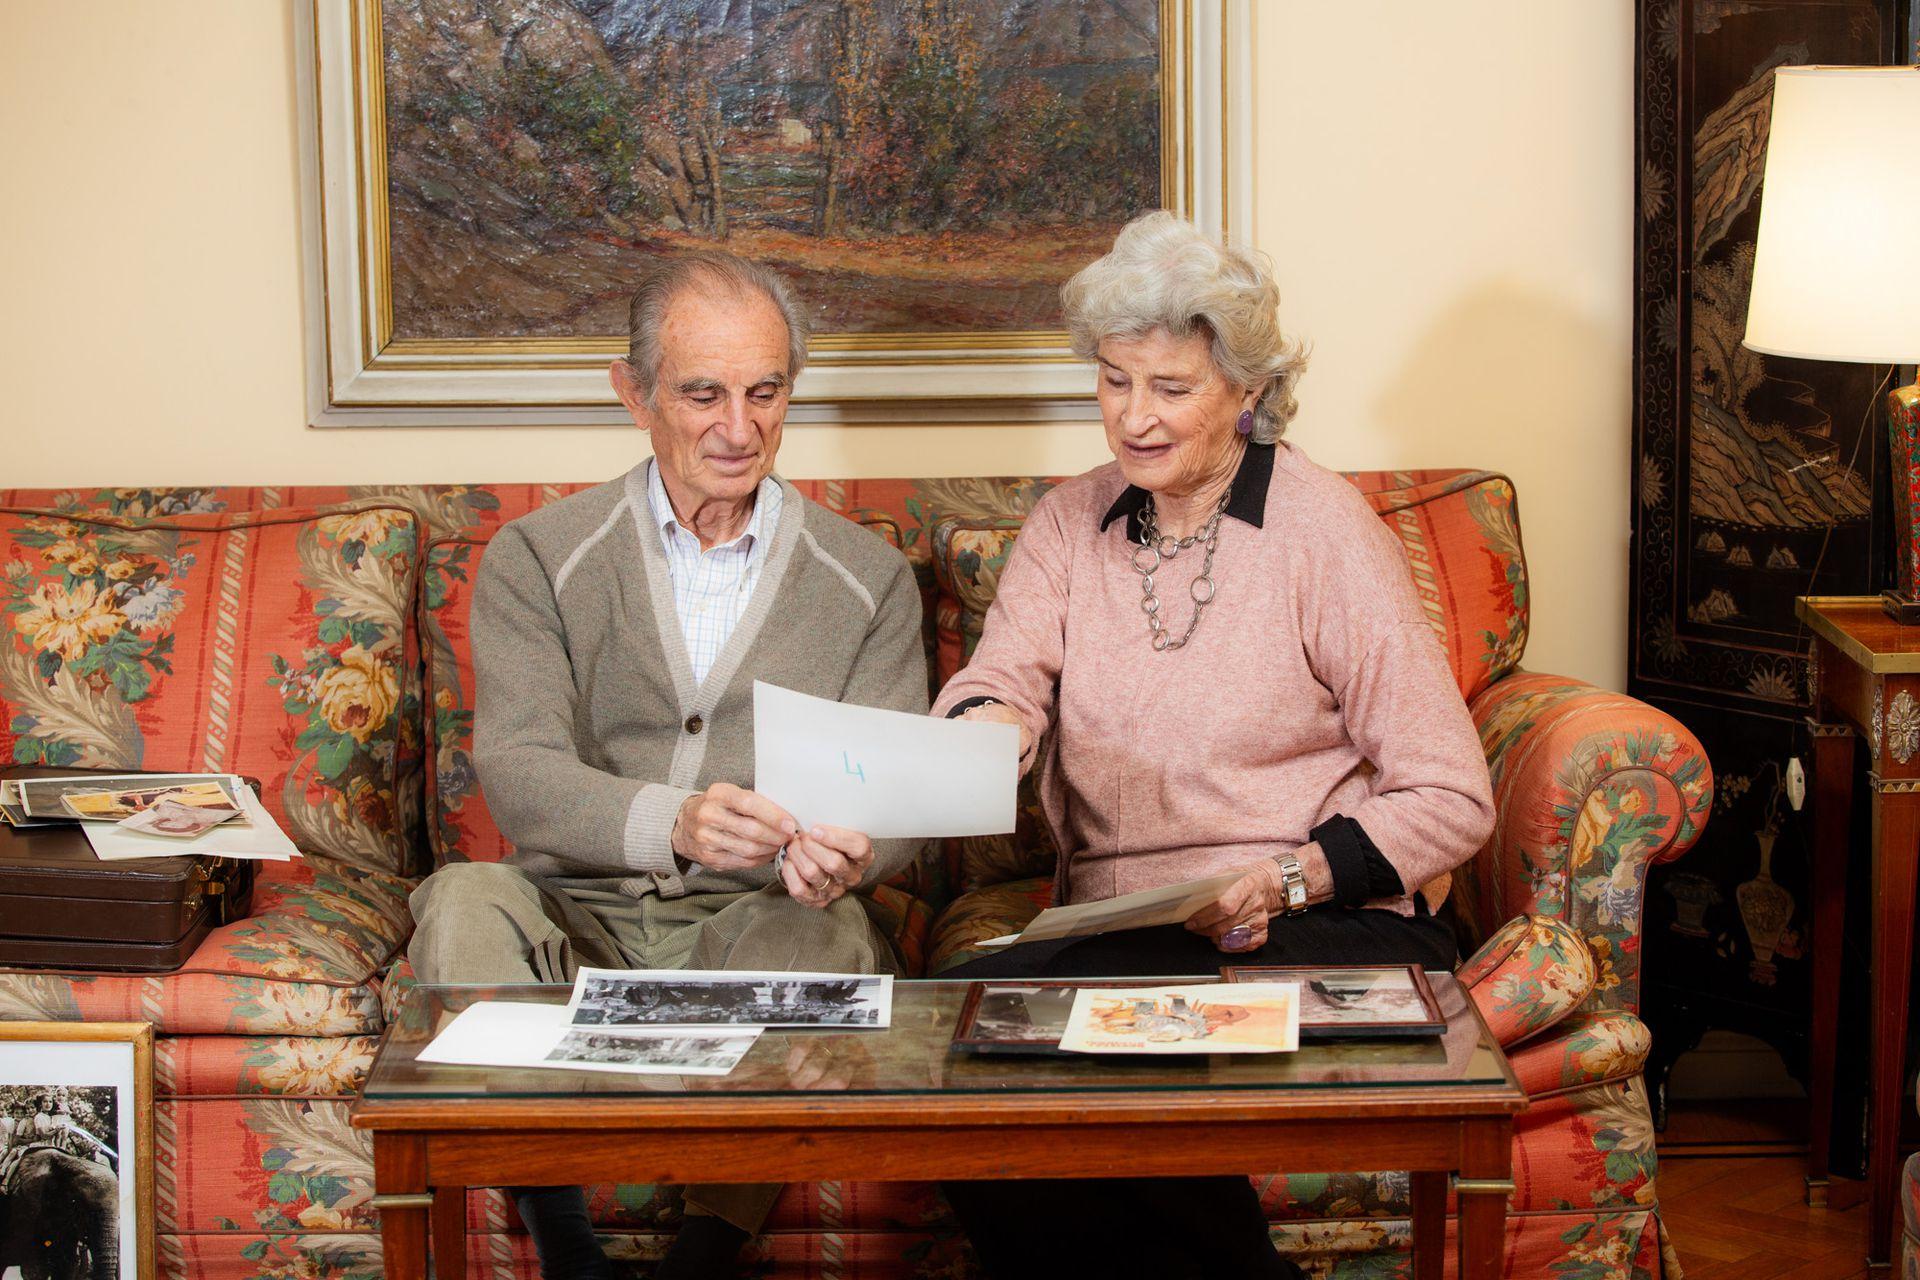 Eugenio y Estela Holmberg comparten los recuerdos de sus diez años en el zoológico porteño.